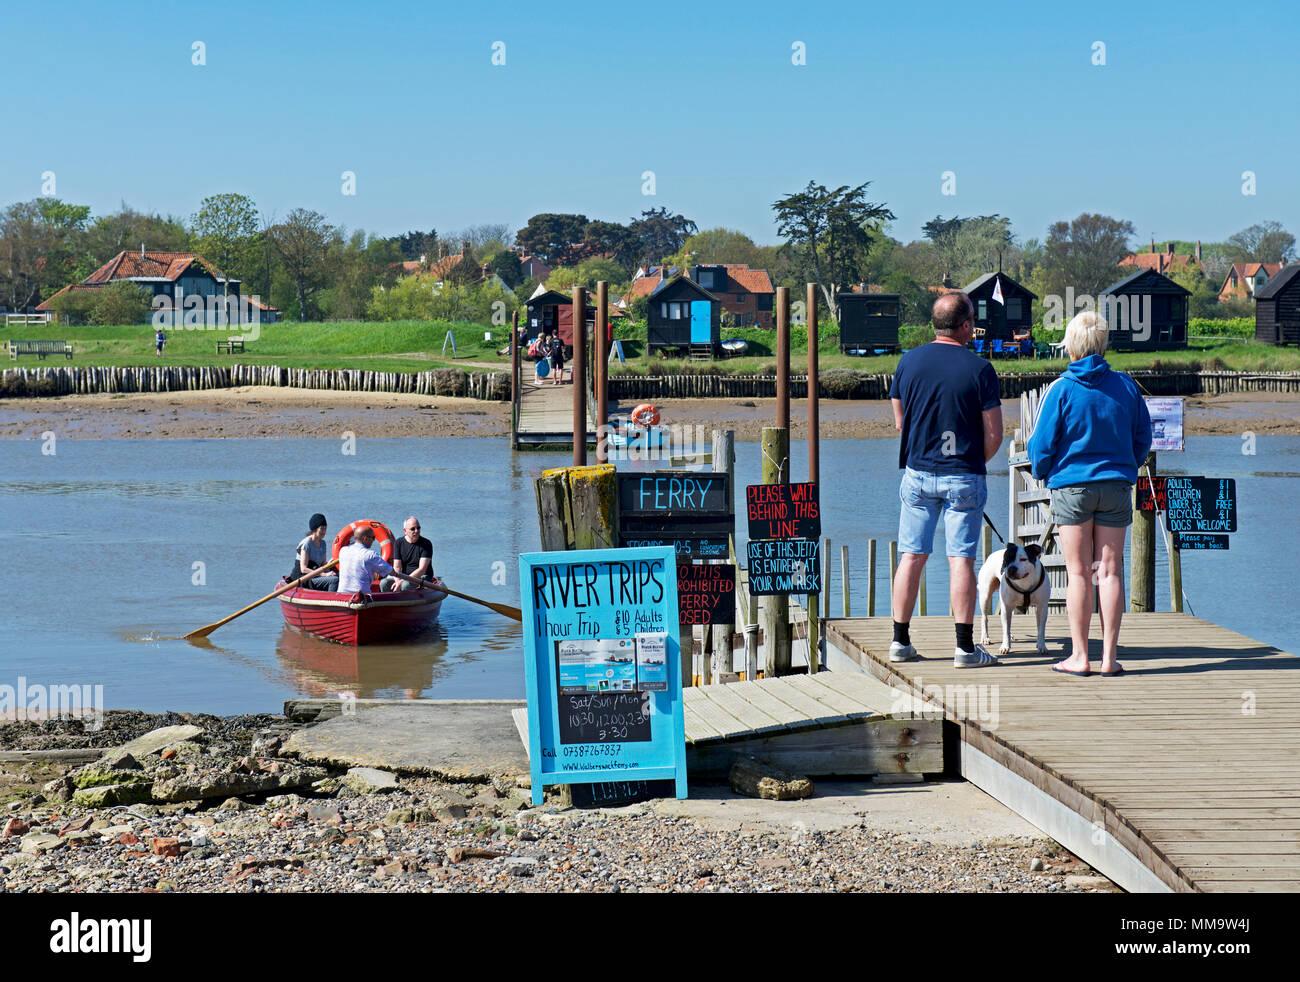 ferry-boar-from-walberswick-to-southwold-harbour-suffolk-england-uk-MM9W4J.jpg